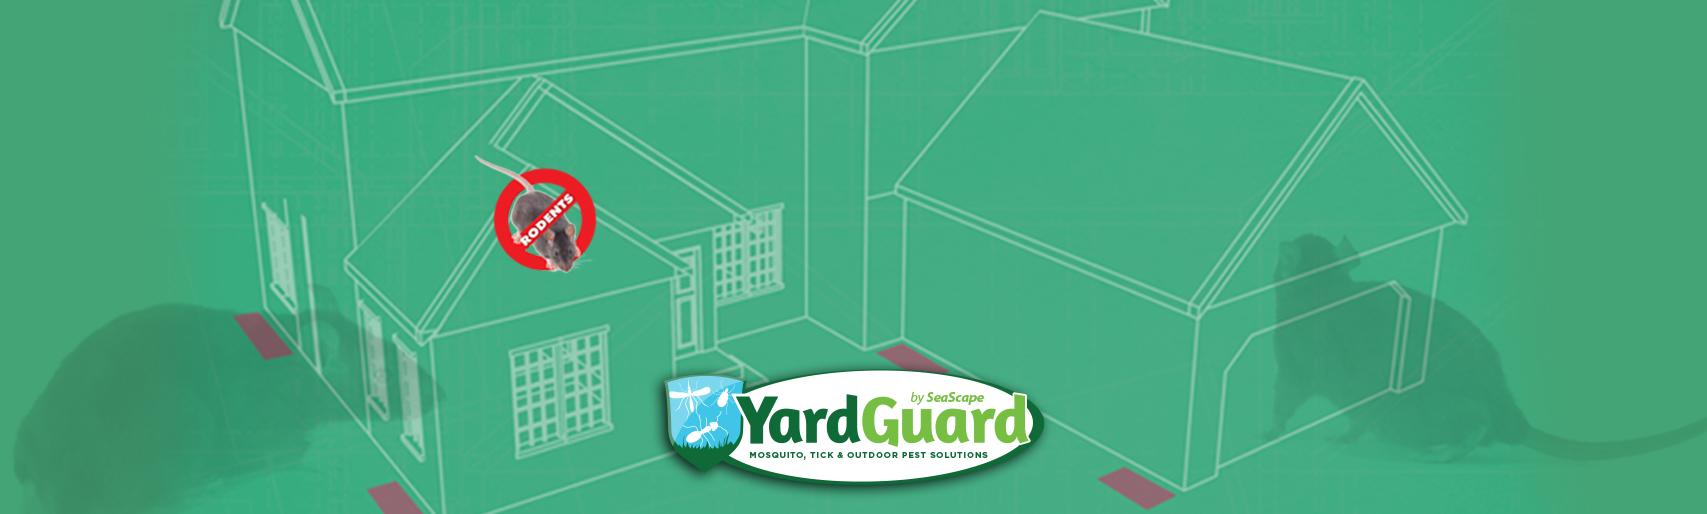 YardGuard Pest Control